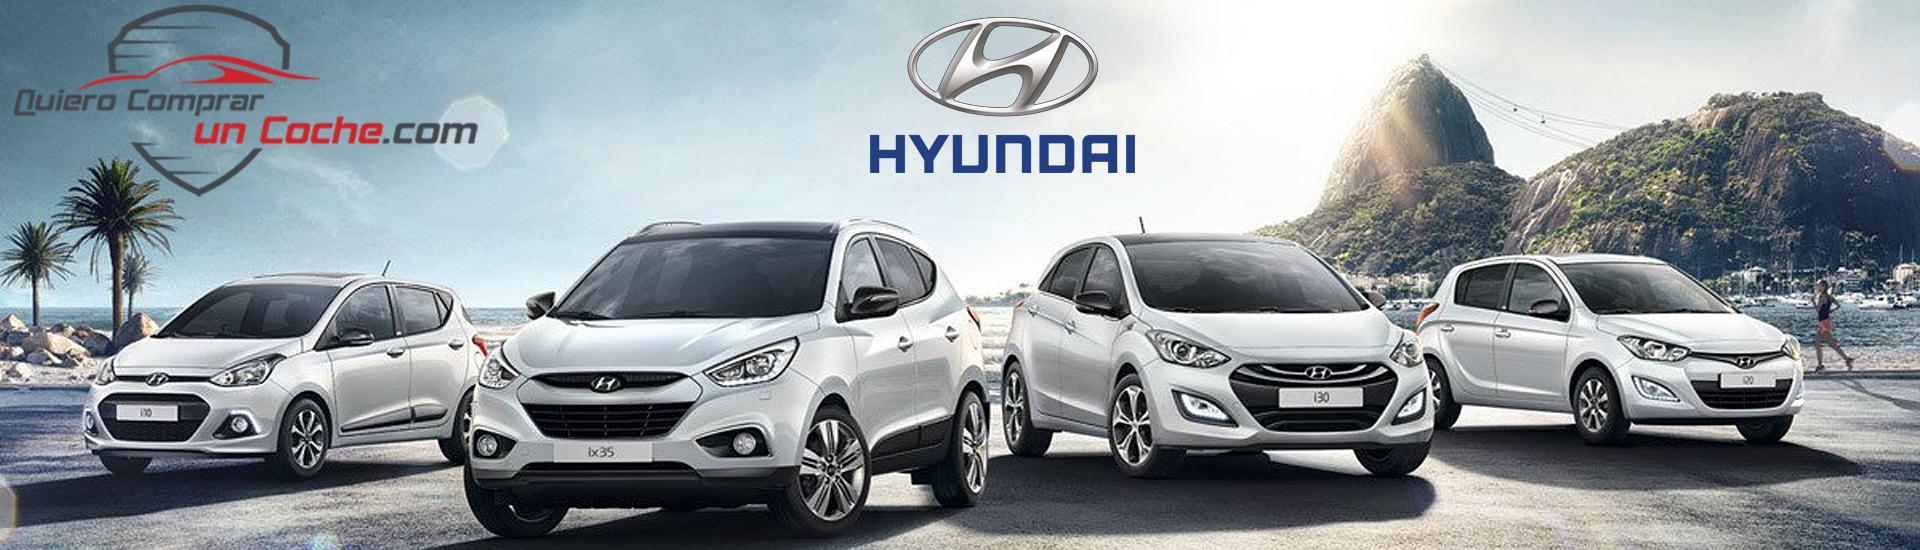 Hyundai Madrid Quiero Comprar un Coche Nuevo Km0 Seminuevo Ajalvir Torrejon